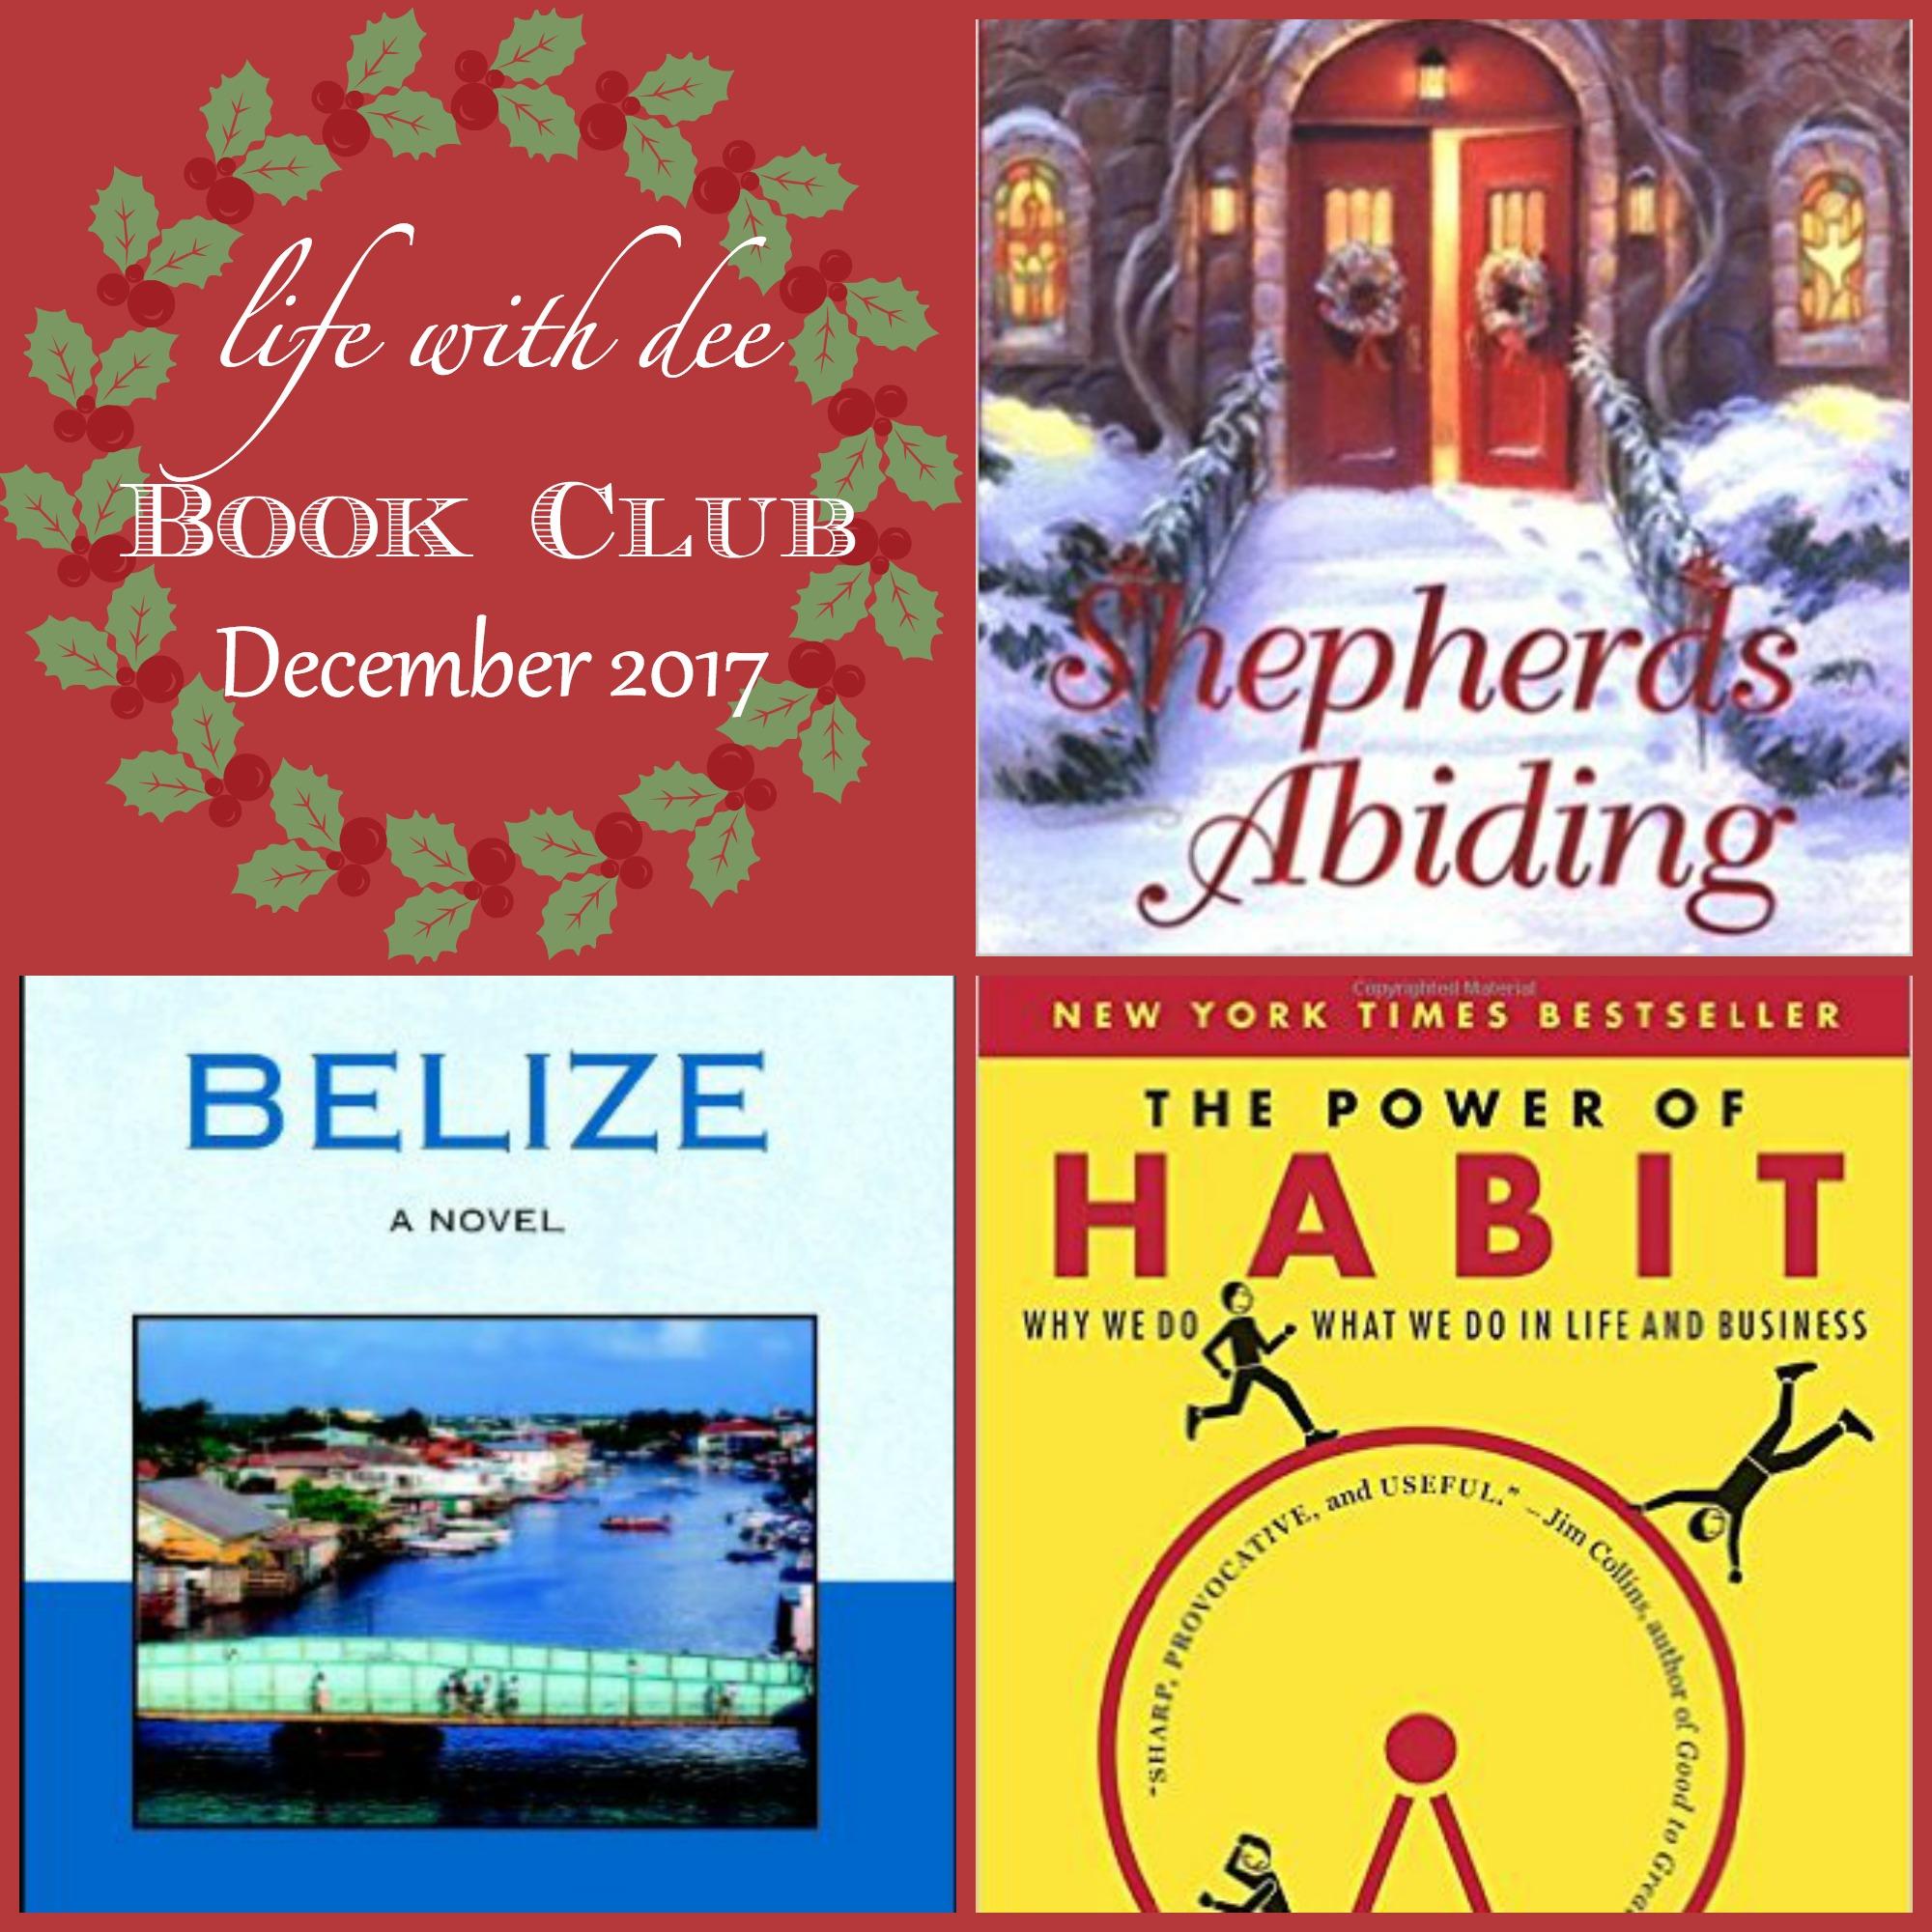 LWD Book Club December 2017